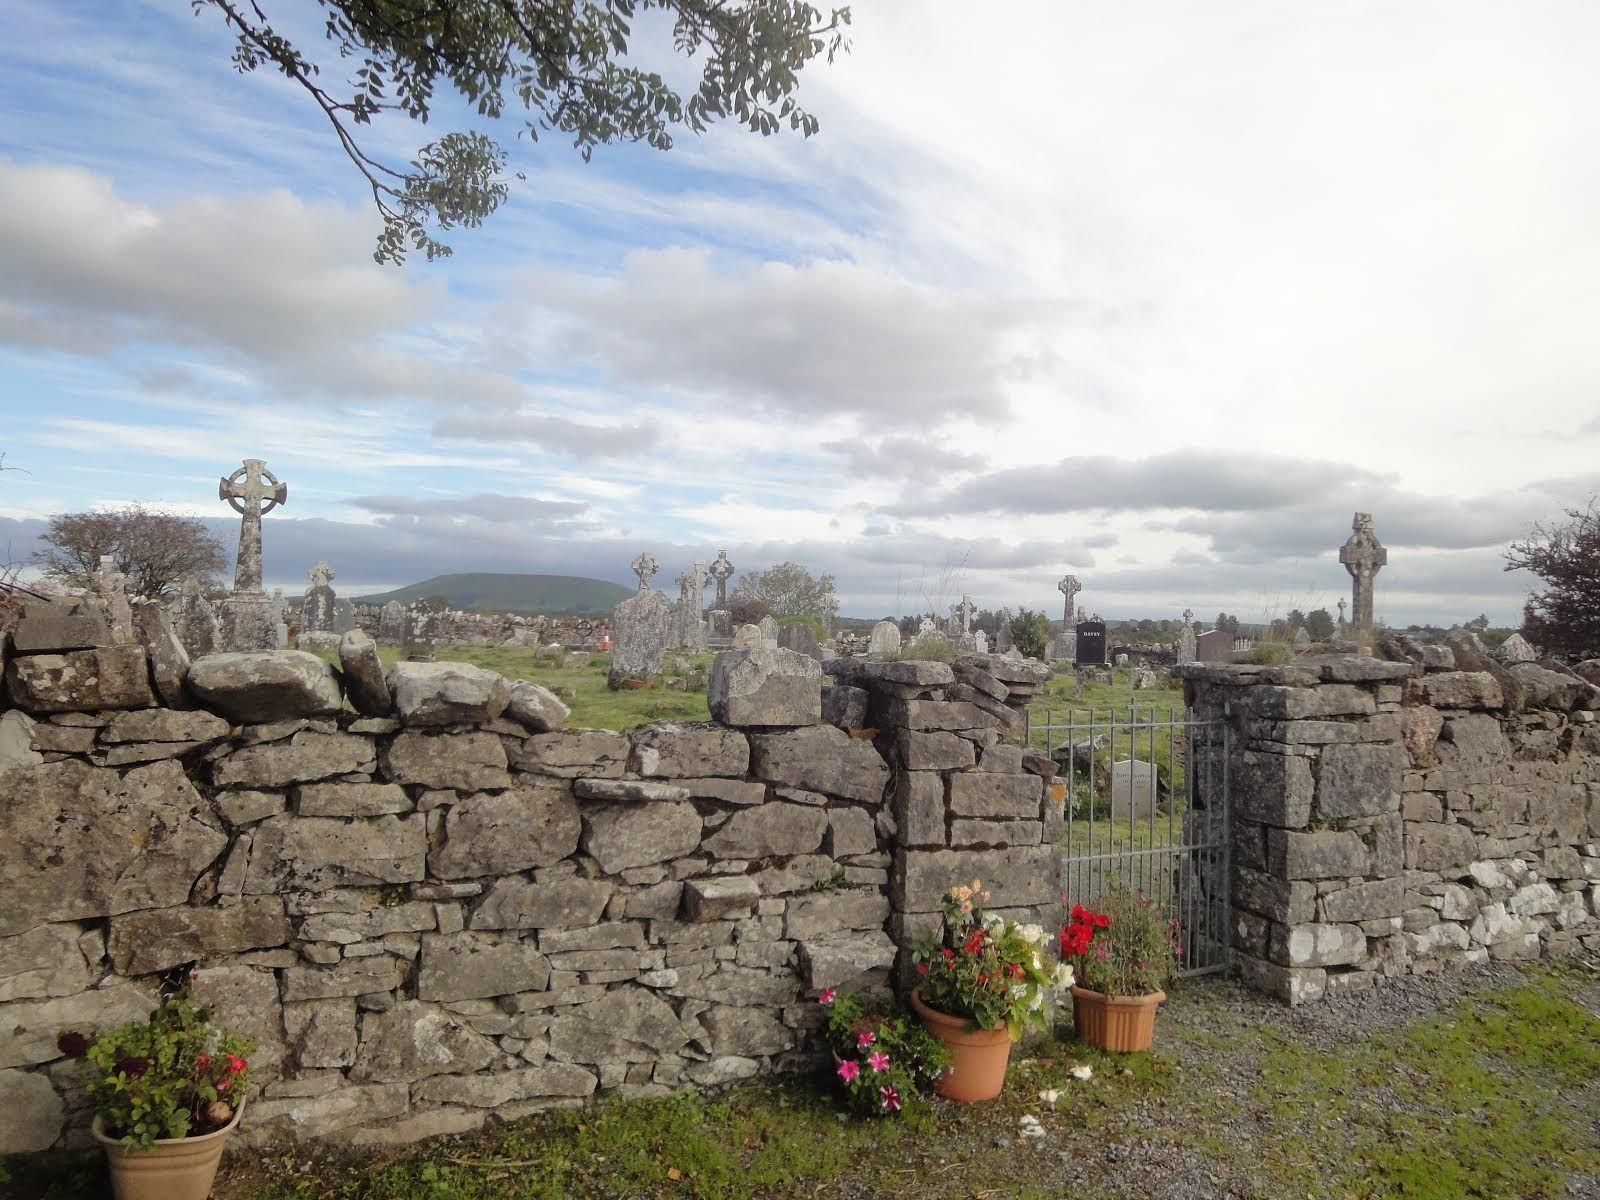 destination sligo - Sligo Tourism